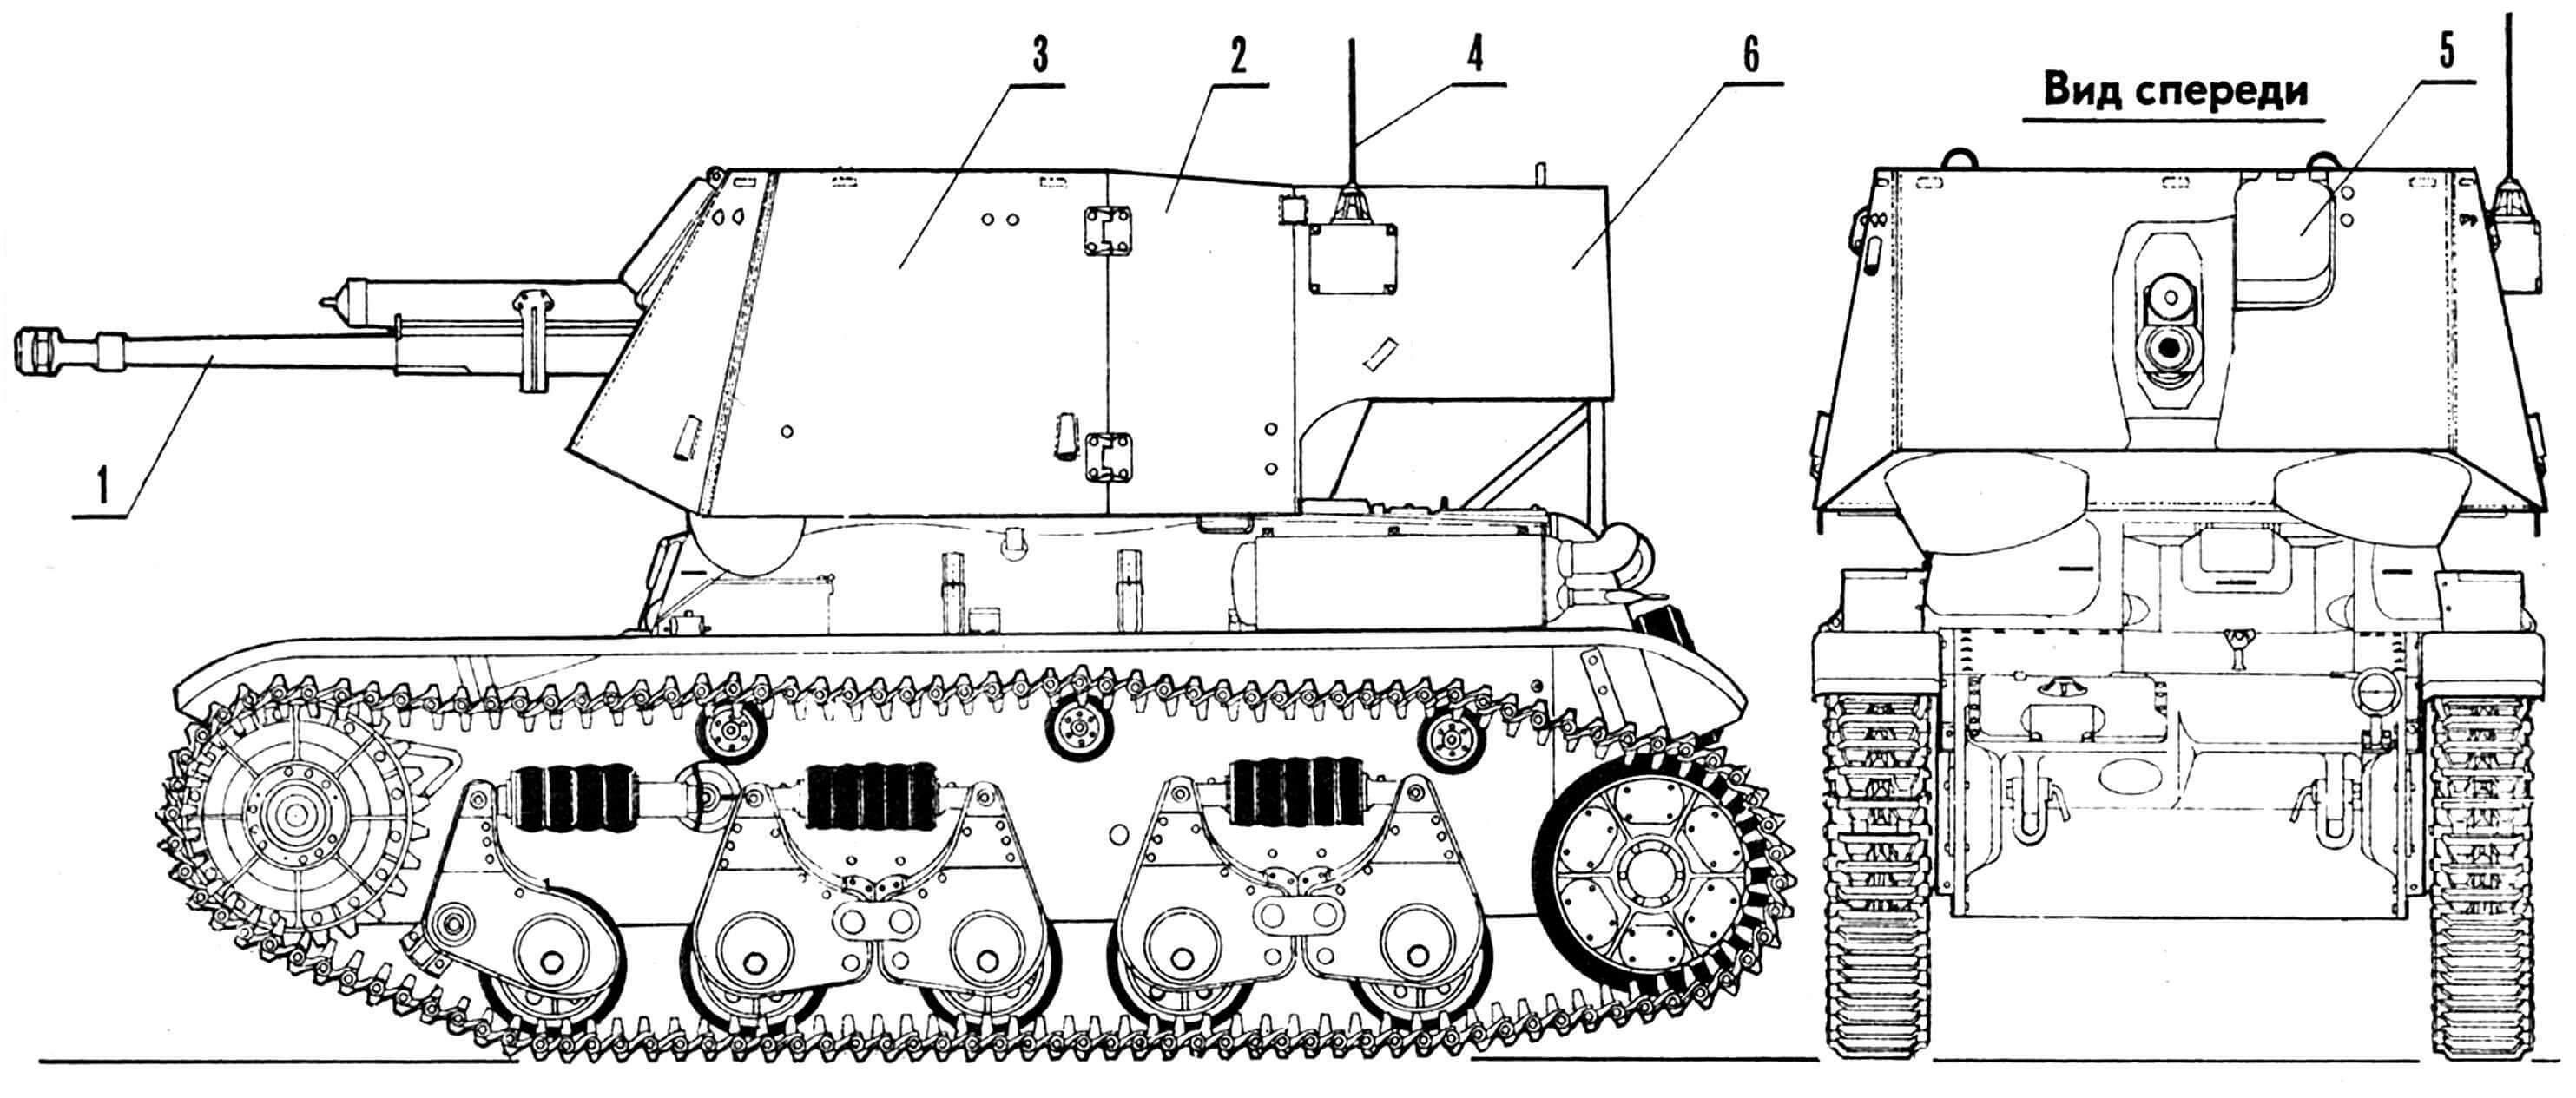 САУ на базе R-35: 1 — 47-мм чешская пушка, 2 — неподвижная броневая рубка, 3 — дверь для посадки экипажа, 4 — антенна радиостанции, 5 — броневая крышка прицела, 6 — ниша для укладки боеприпасов.